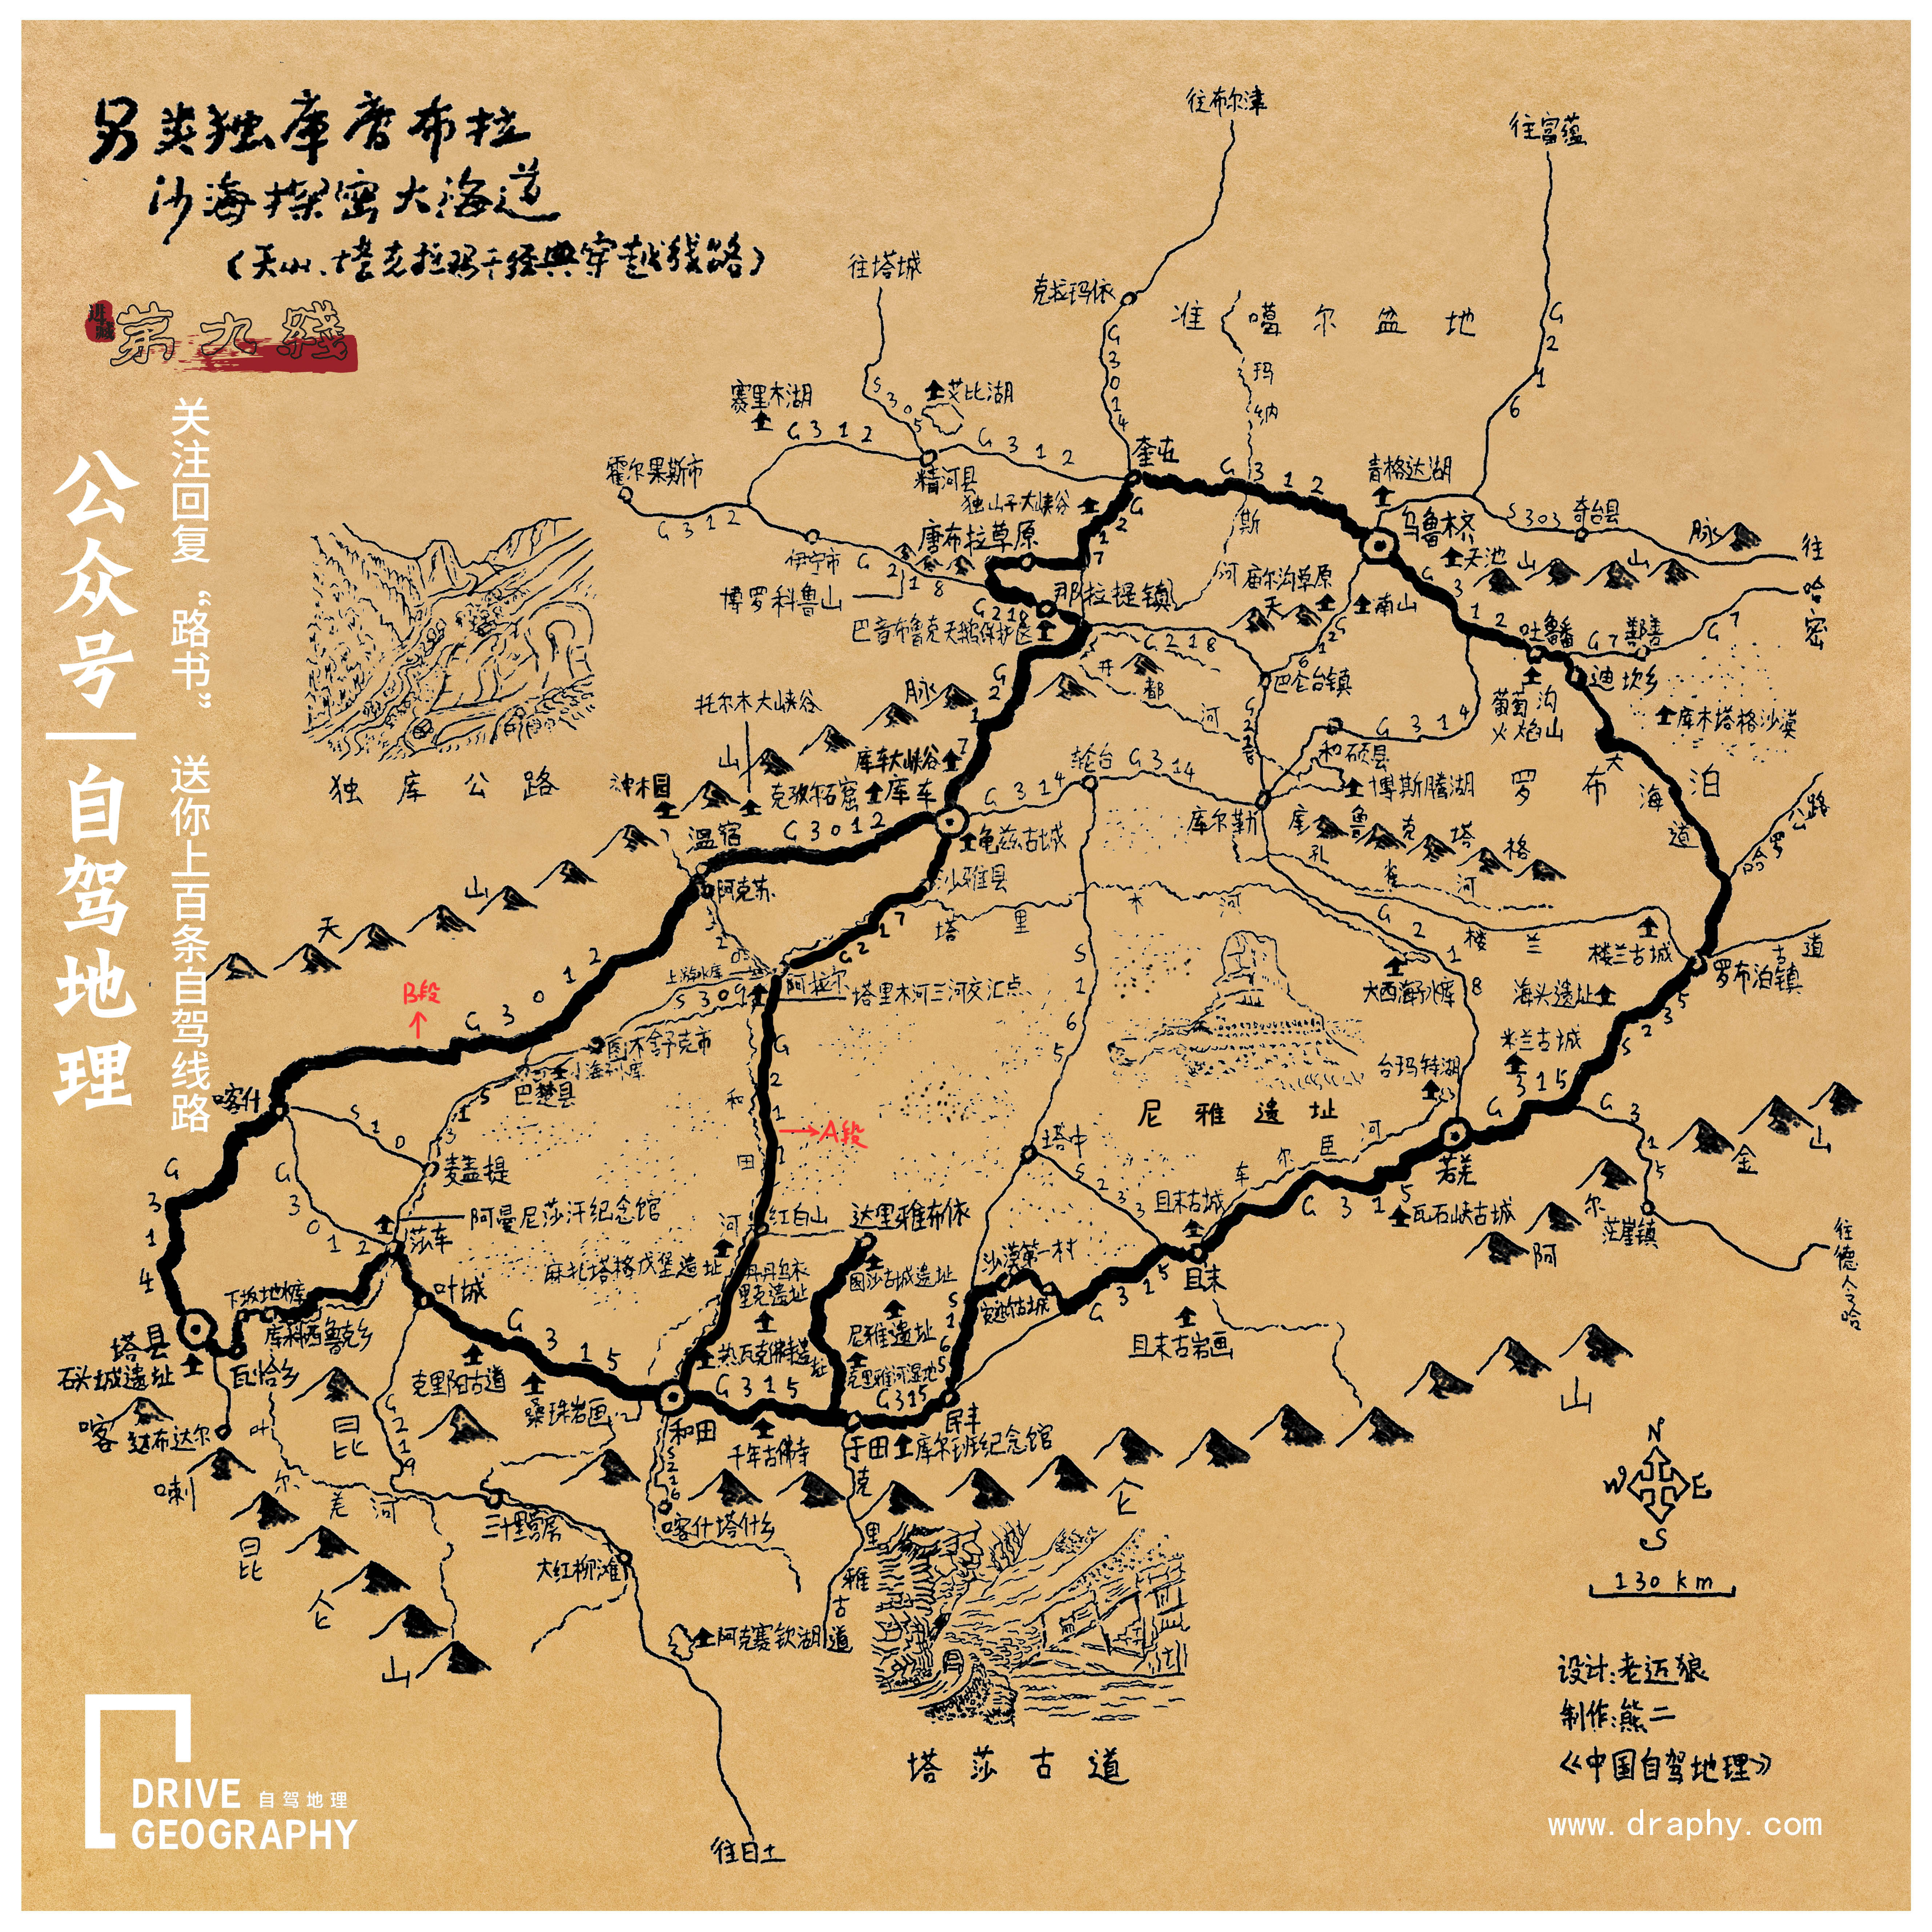 手繪地圖,制作@《中國自駕地理》